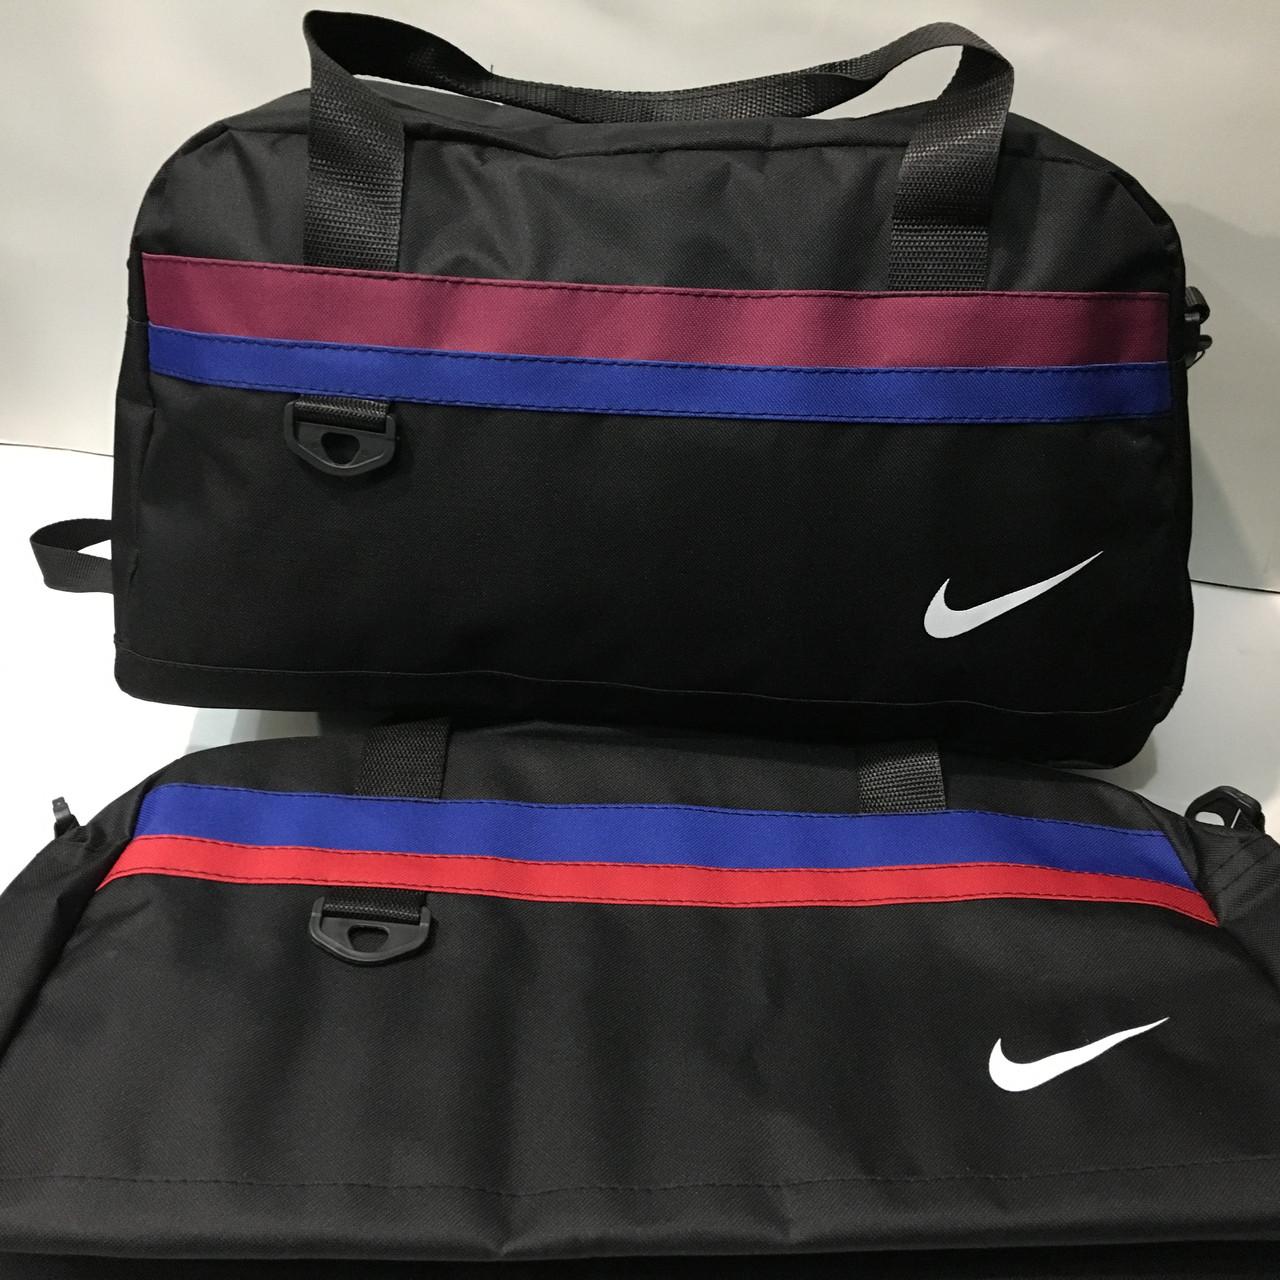 0ef4a1c42376 Спортивная дорожная сумка NIKE, сумки из ткани, магазин дорожных сумок,  сумка для обуви